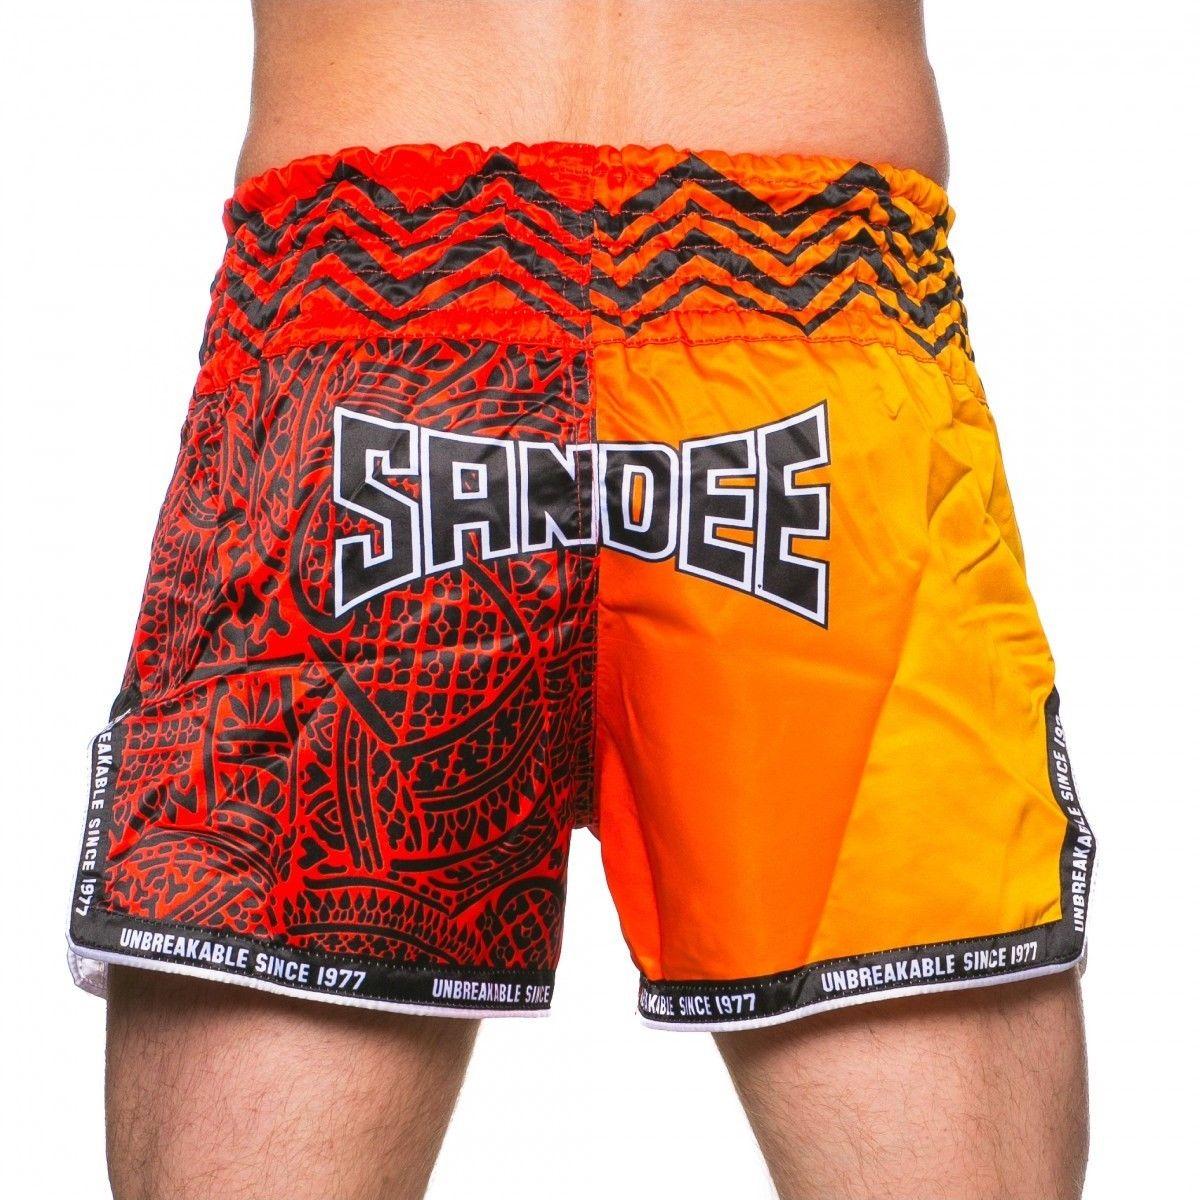 Sandee Warrior Thai Boxing Shorts Red Orange Muay Thai Kickboxing K1 Striking